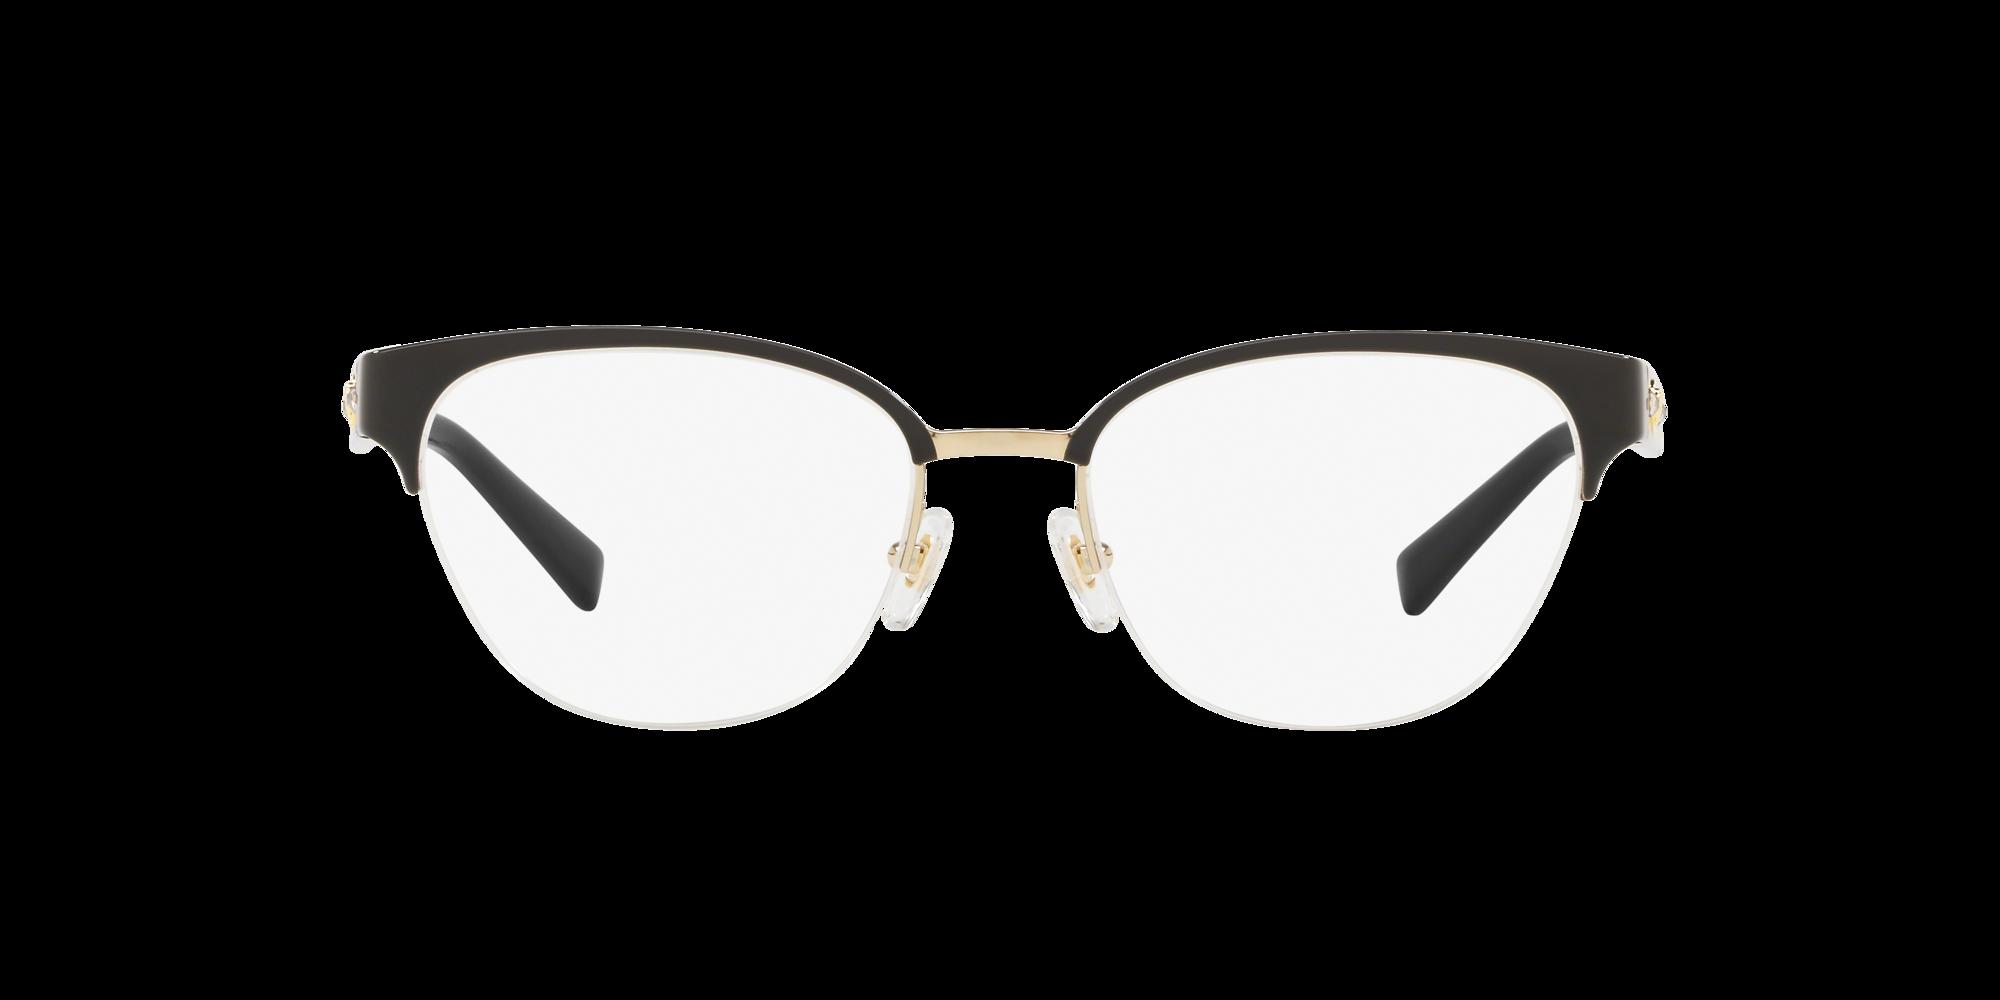 Imagen para VE1255B de LensCrafters |  Espejuelos, espejuelos graduados en línea, gafas